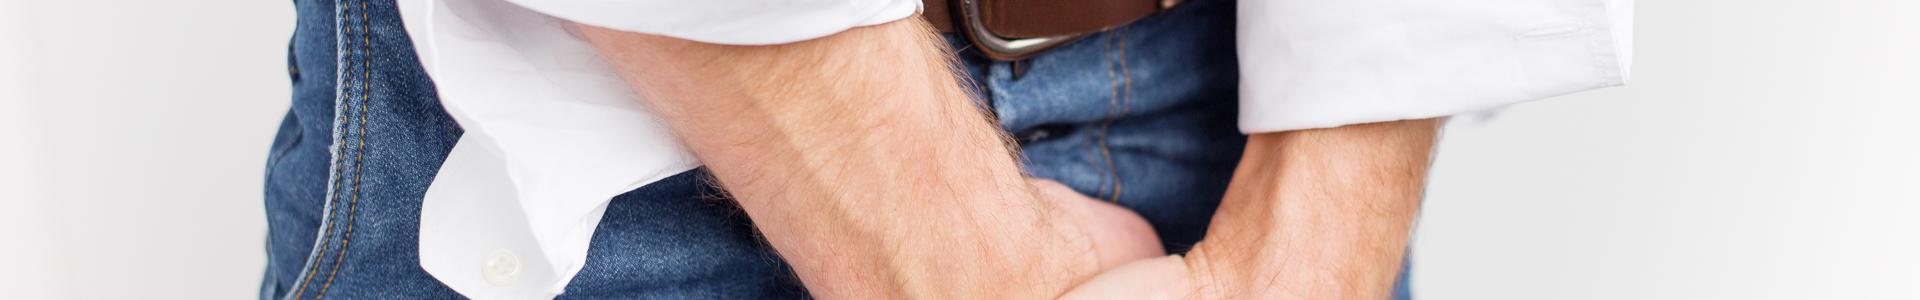 effets secondaires d'une chirurgie du cancer de la prostate